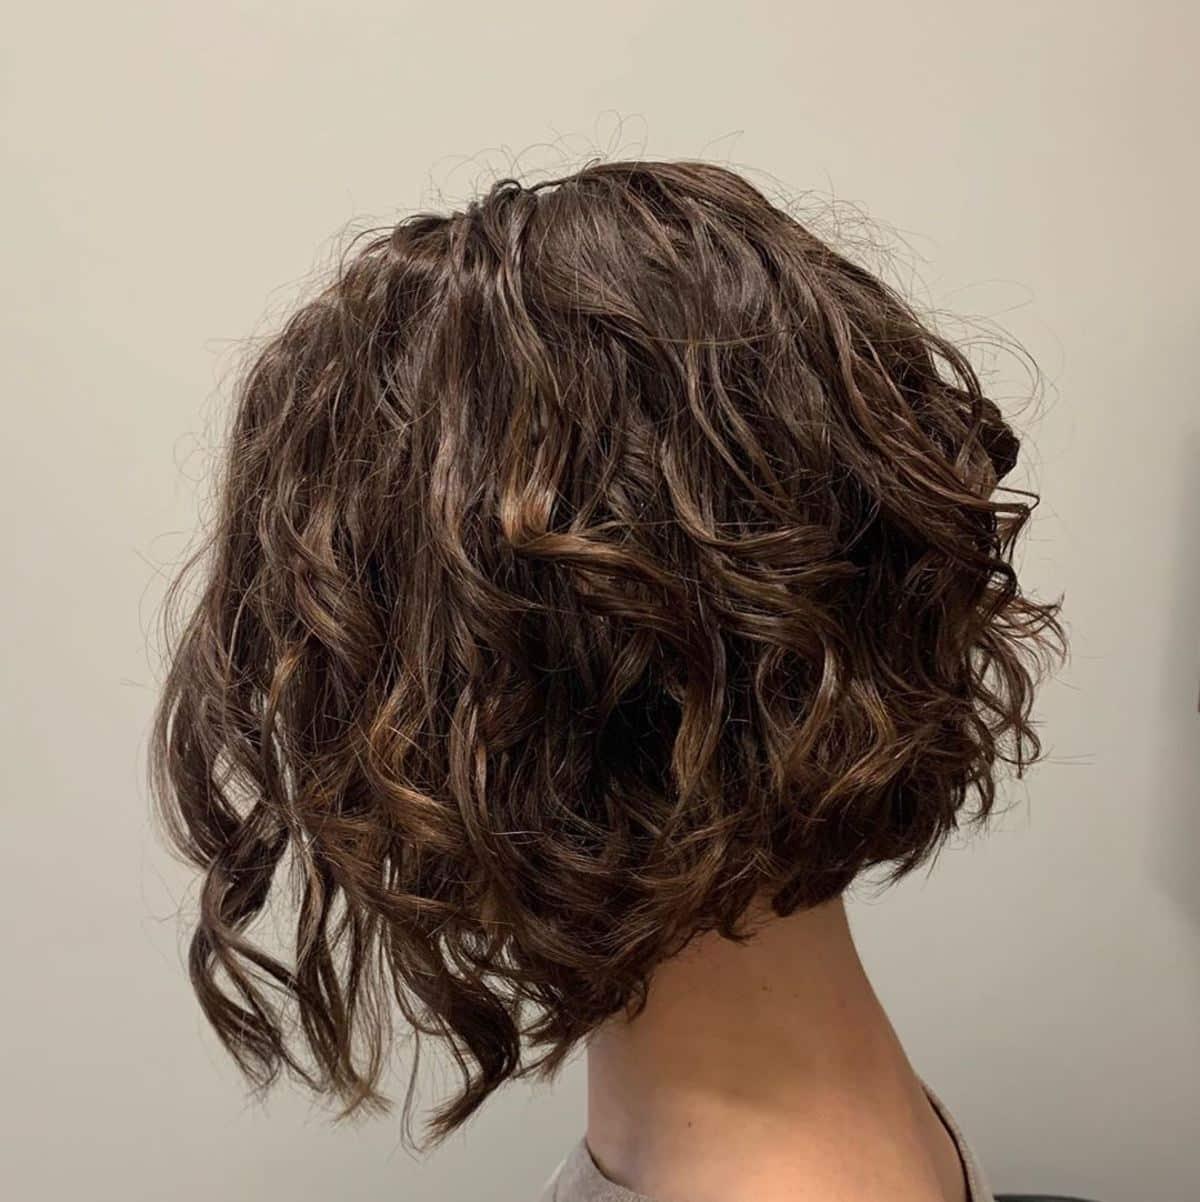 Lisse spirale pour cheveux bruns courts